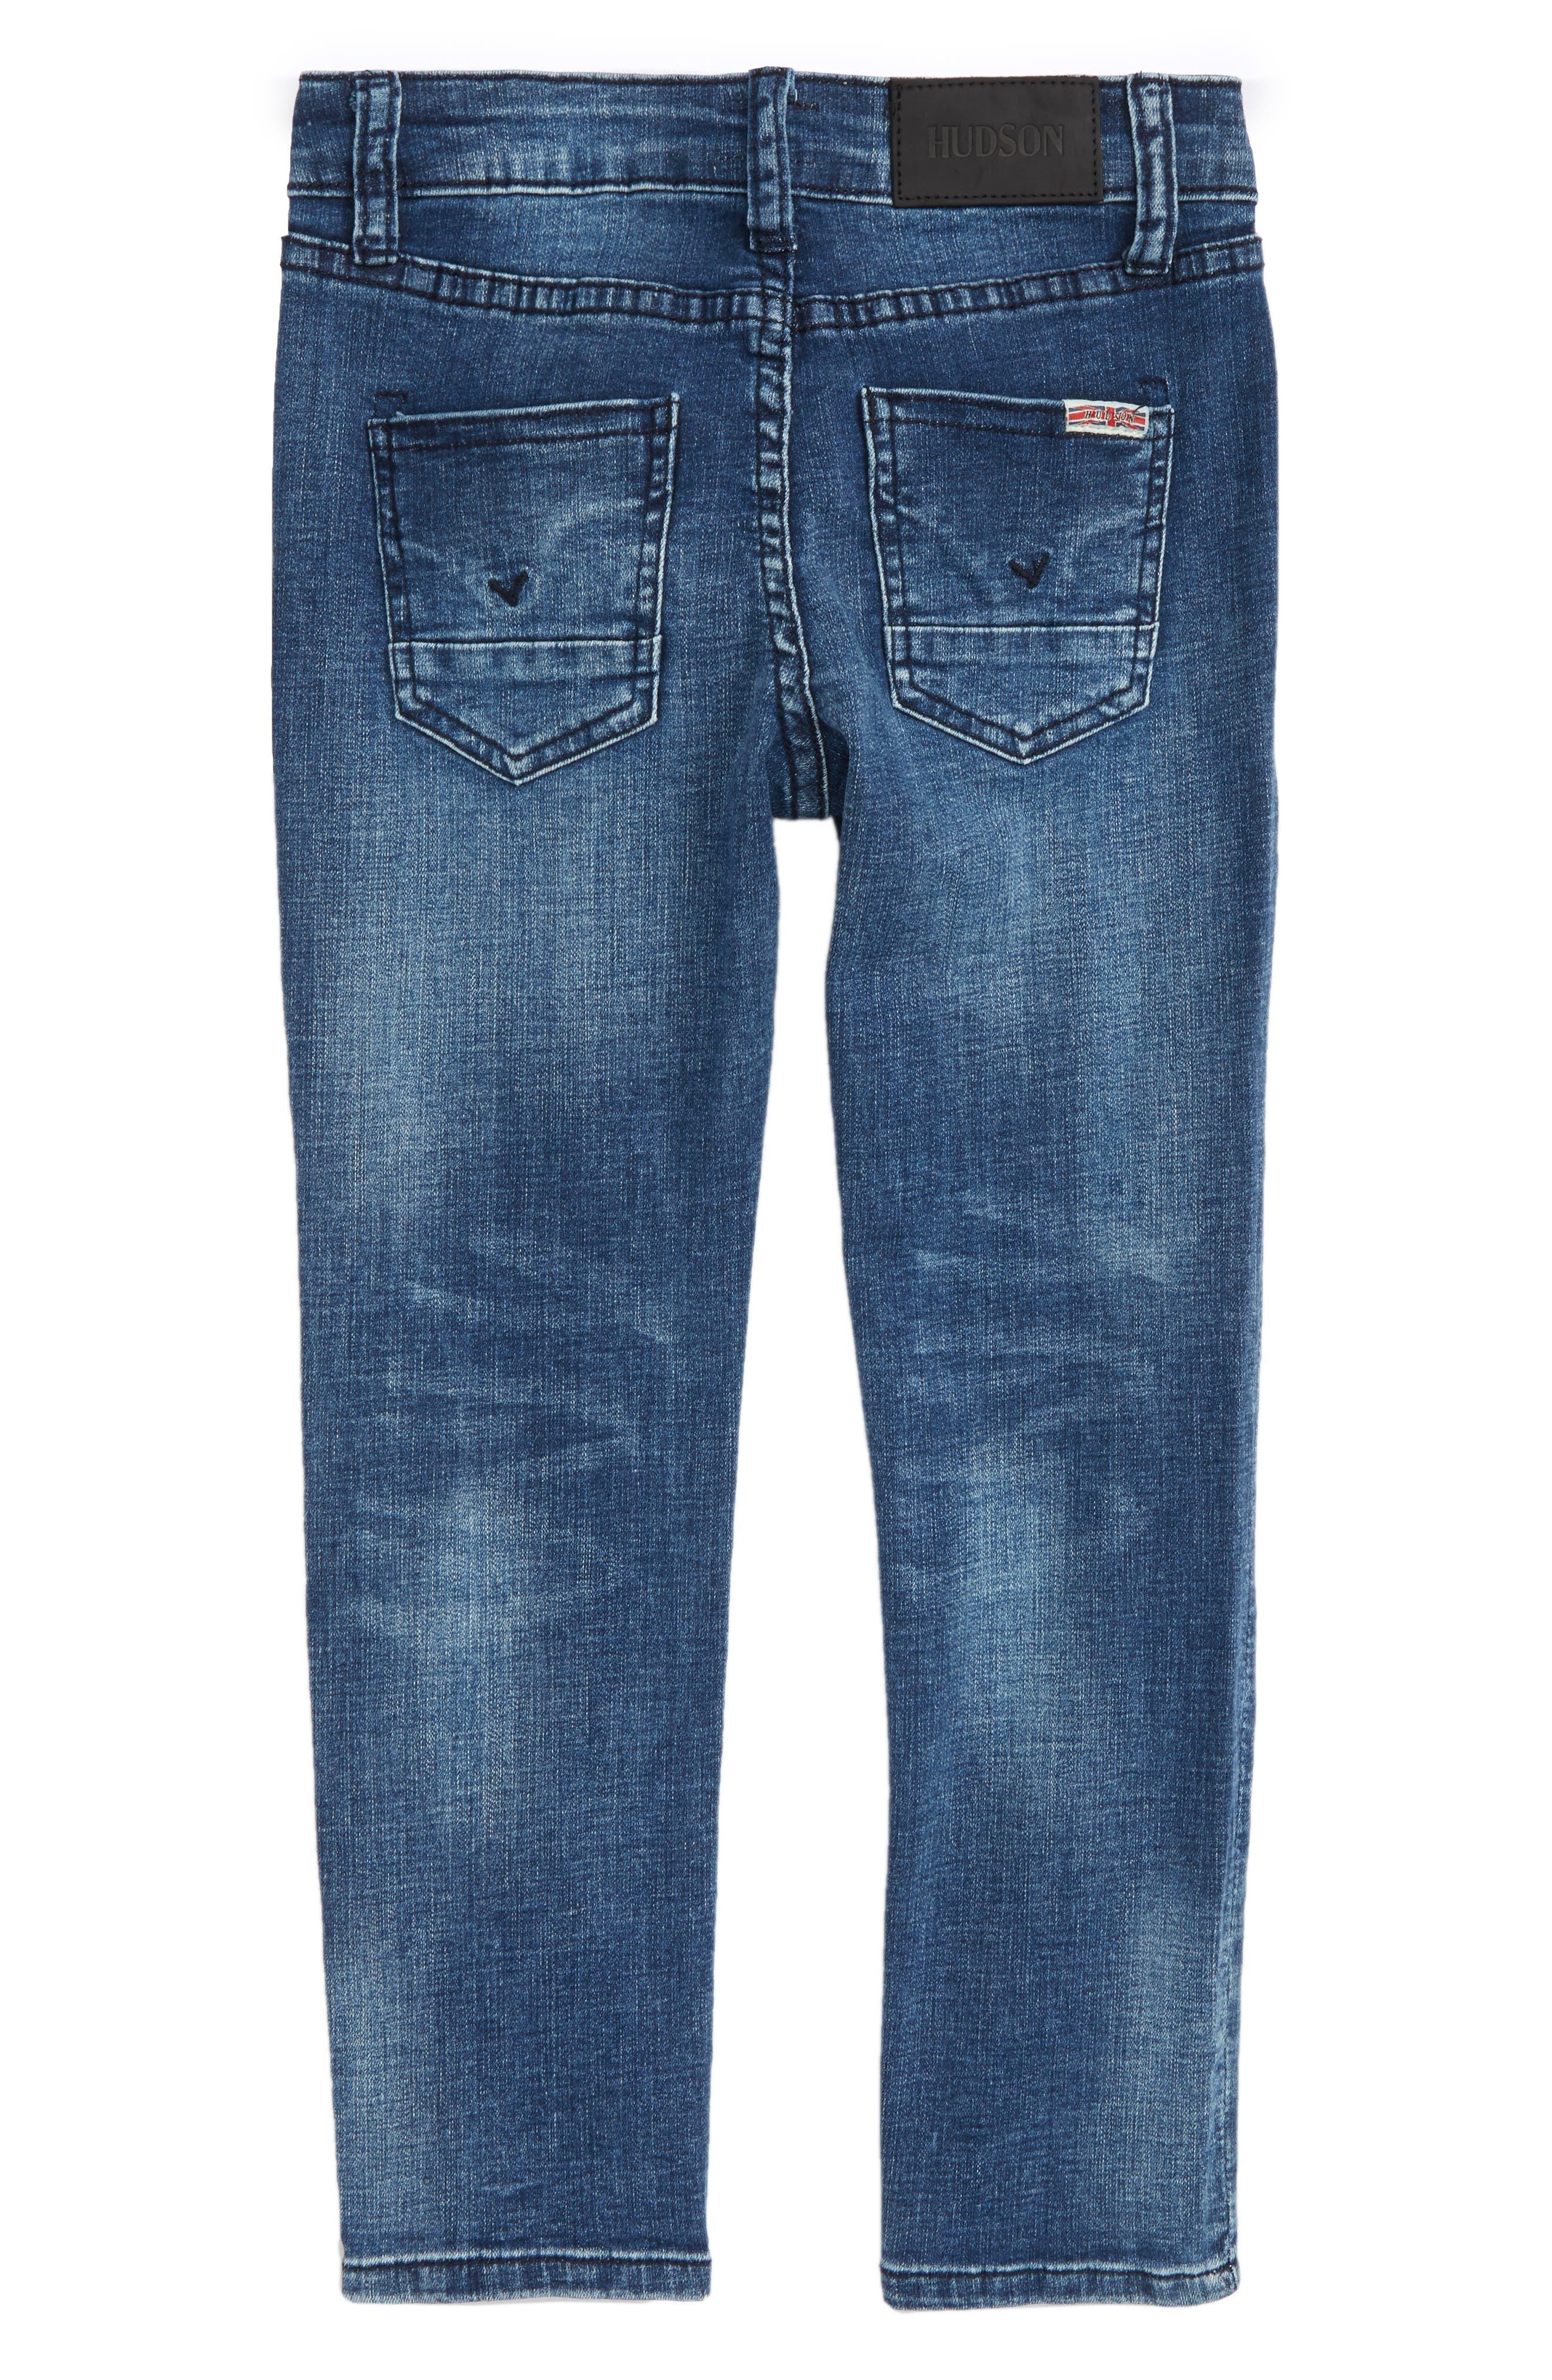 Jagger Slim Fit Straight Leg Jeans,                             Alternate thumbnail 2, color,                             Desert Wash